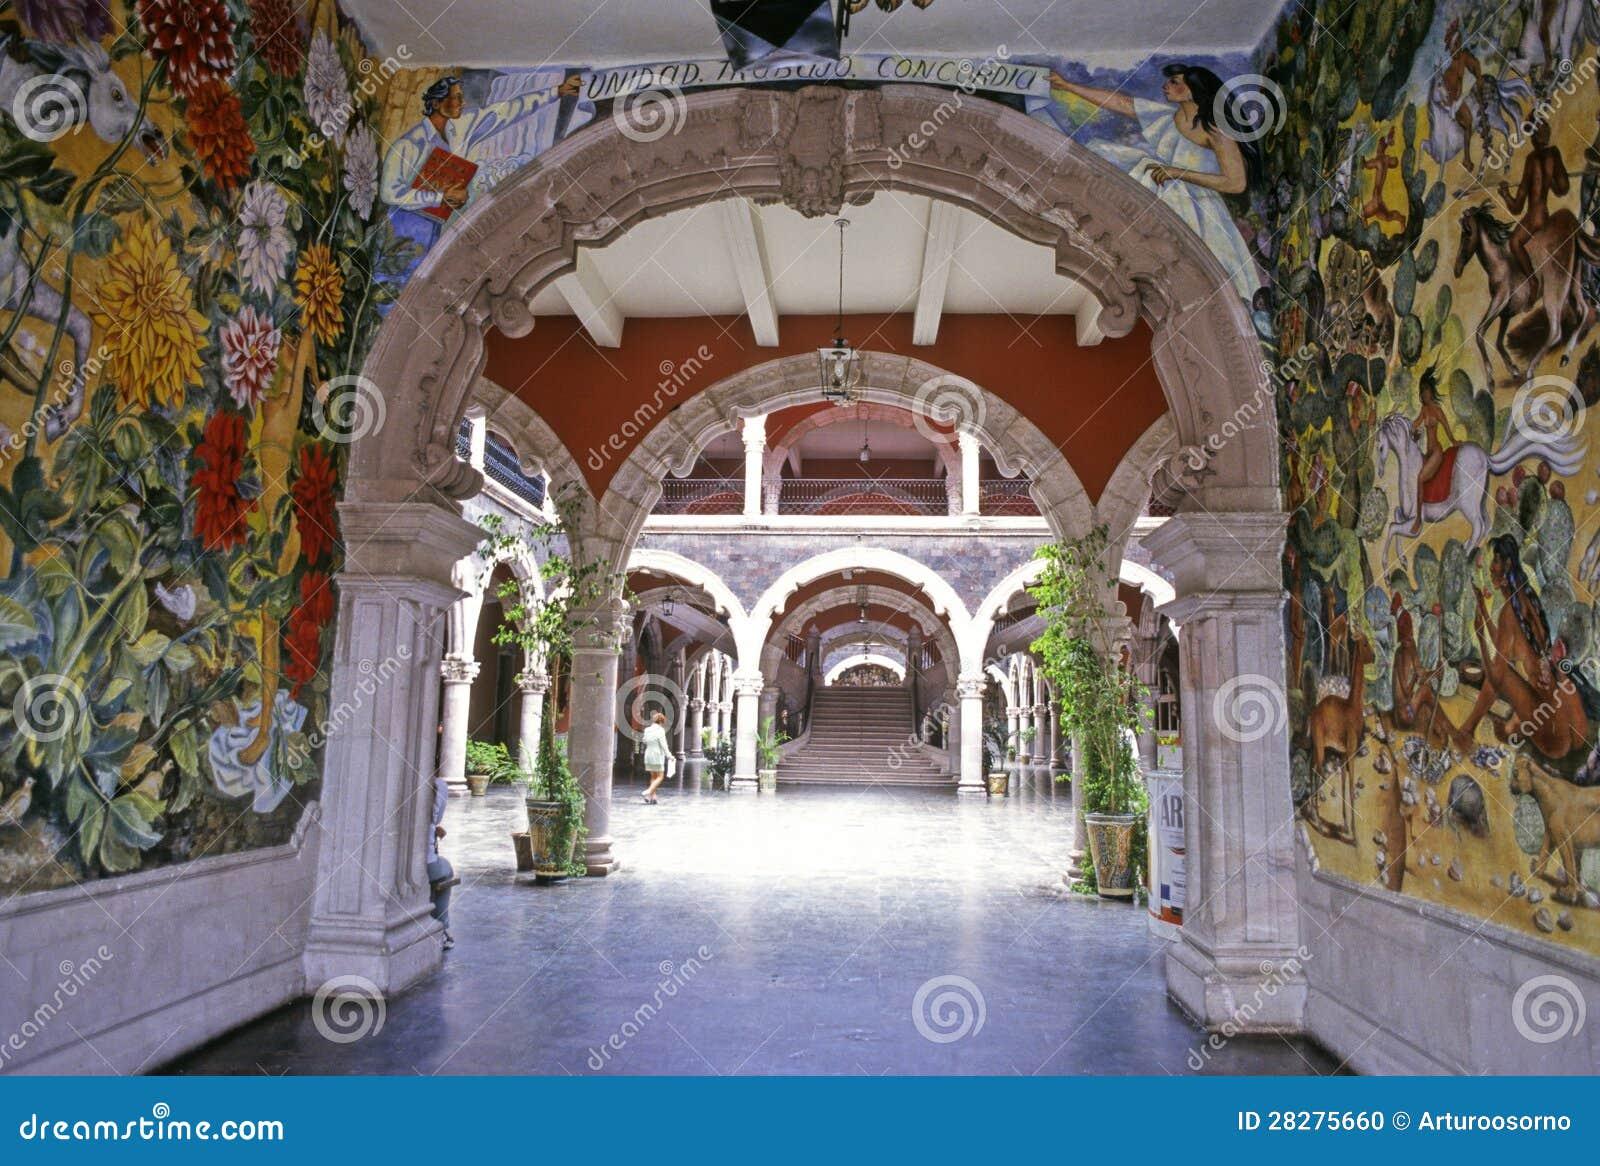 Palacio del gobierno de aguascalientes imagen editorial for Palacio de los azulejos mexico